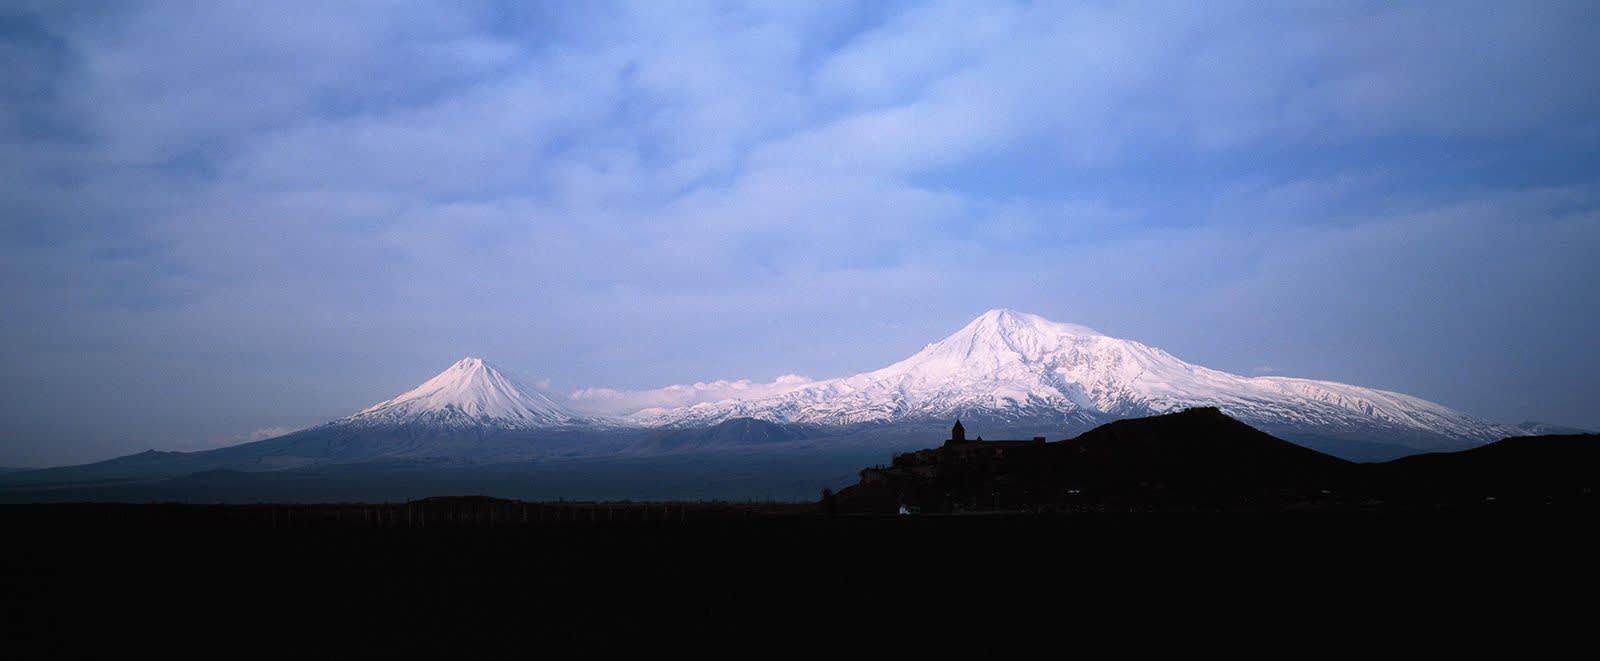 Matjaž Krivic, Mt. Ararat, Turkey, 2002 – 2006